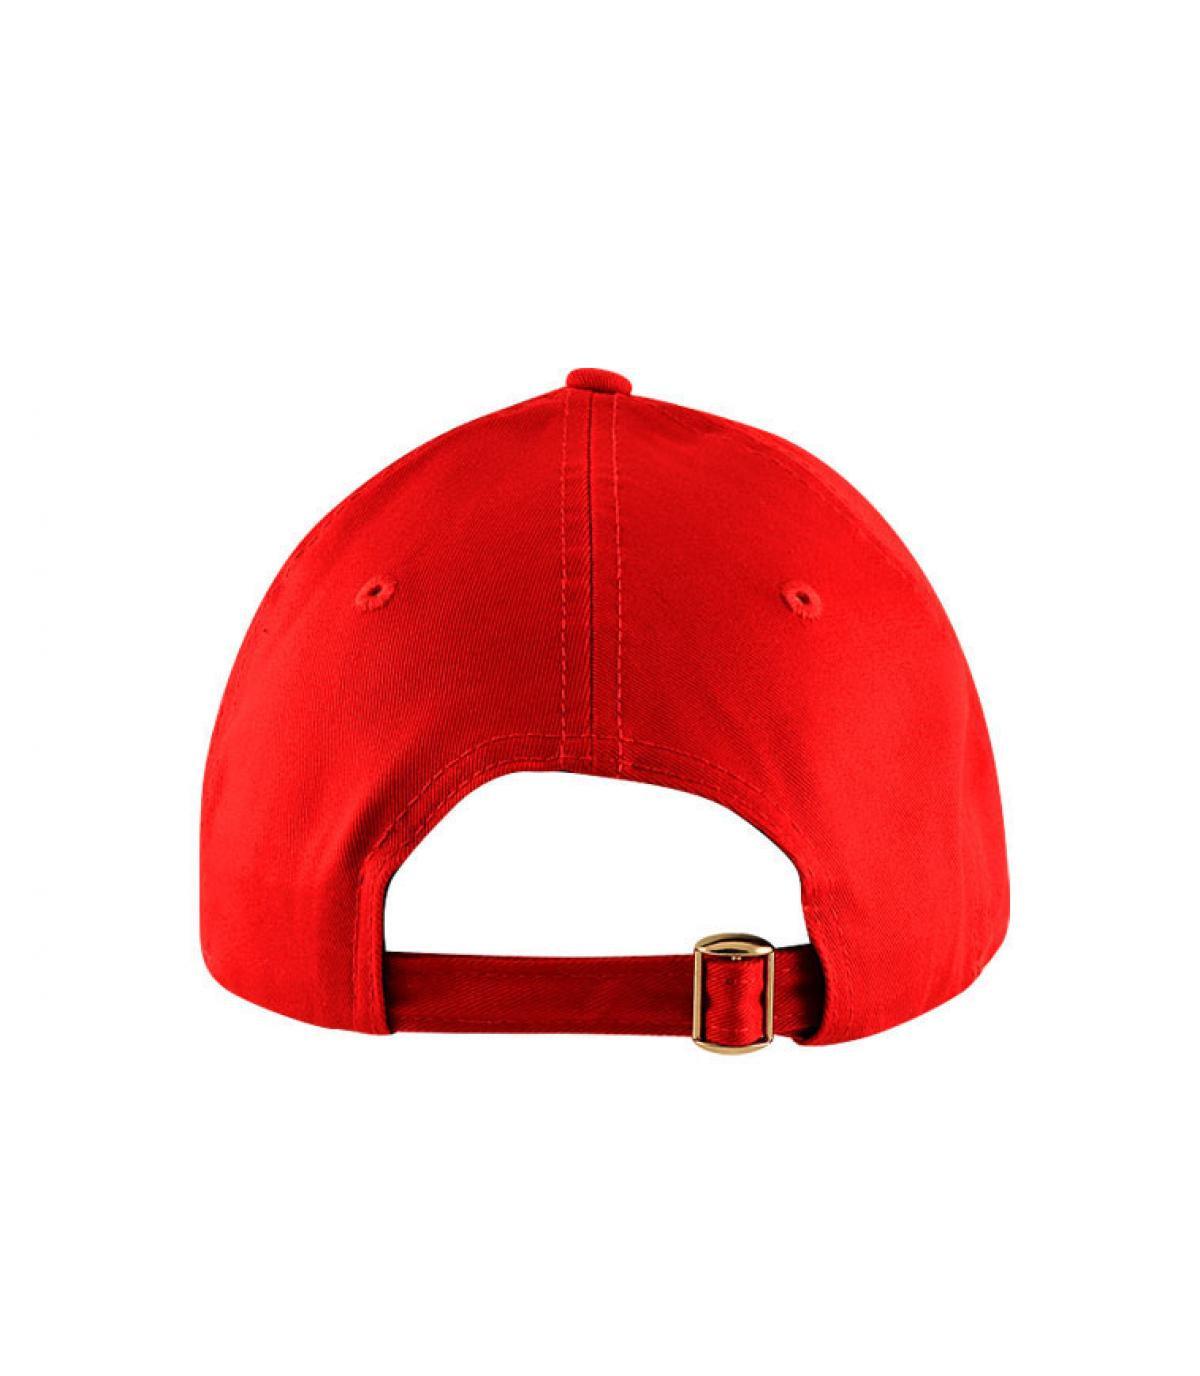 Détails Casquette NY 9forty rouge enfant - image 3